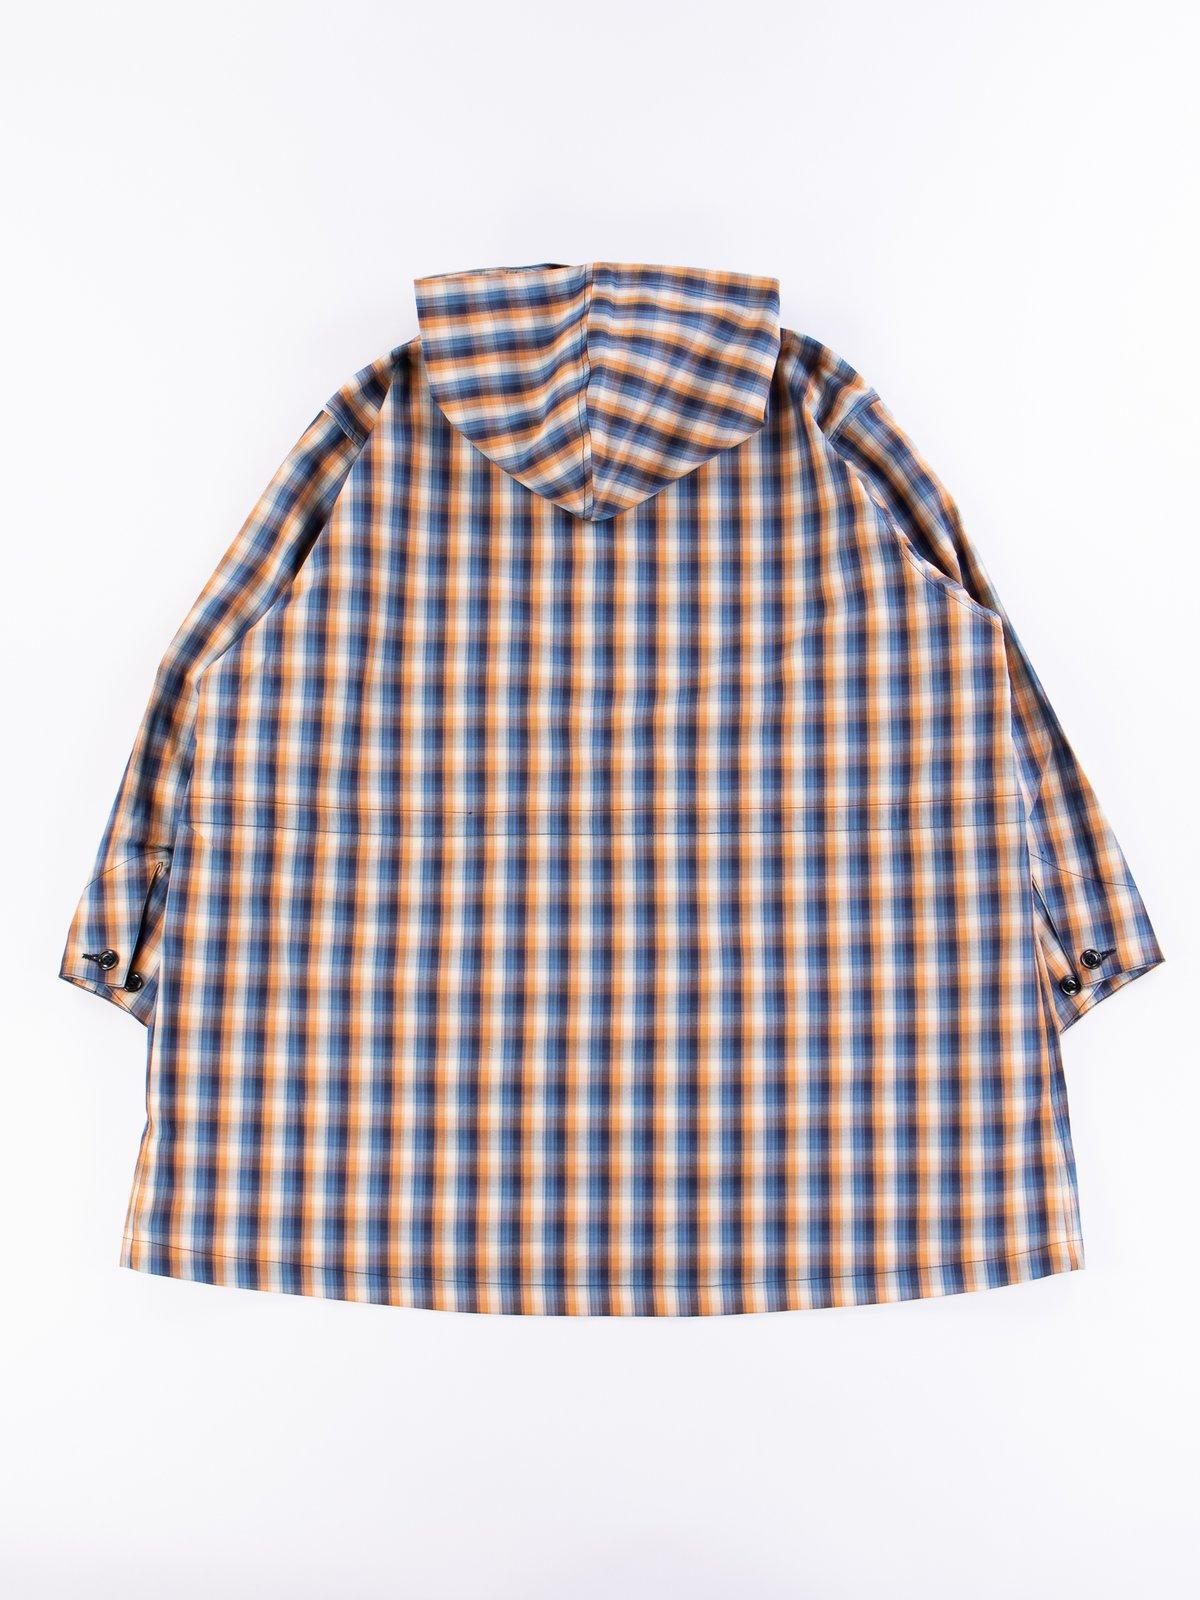 Blue/Orange Plaid Oxford Vancloth Czech Coat - Image 6